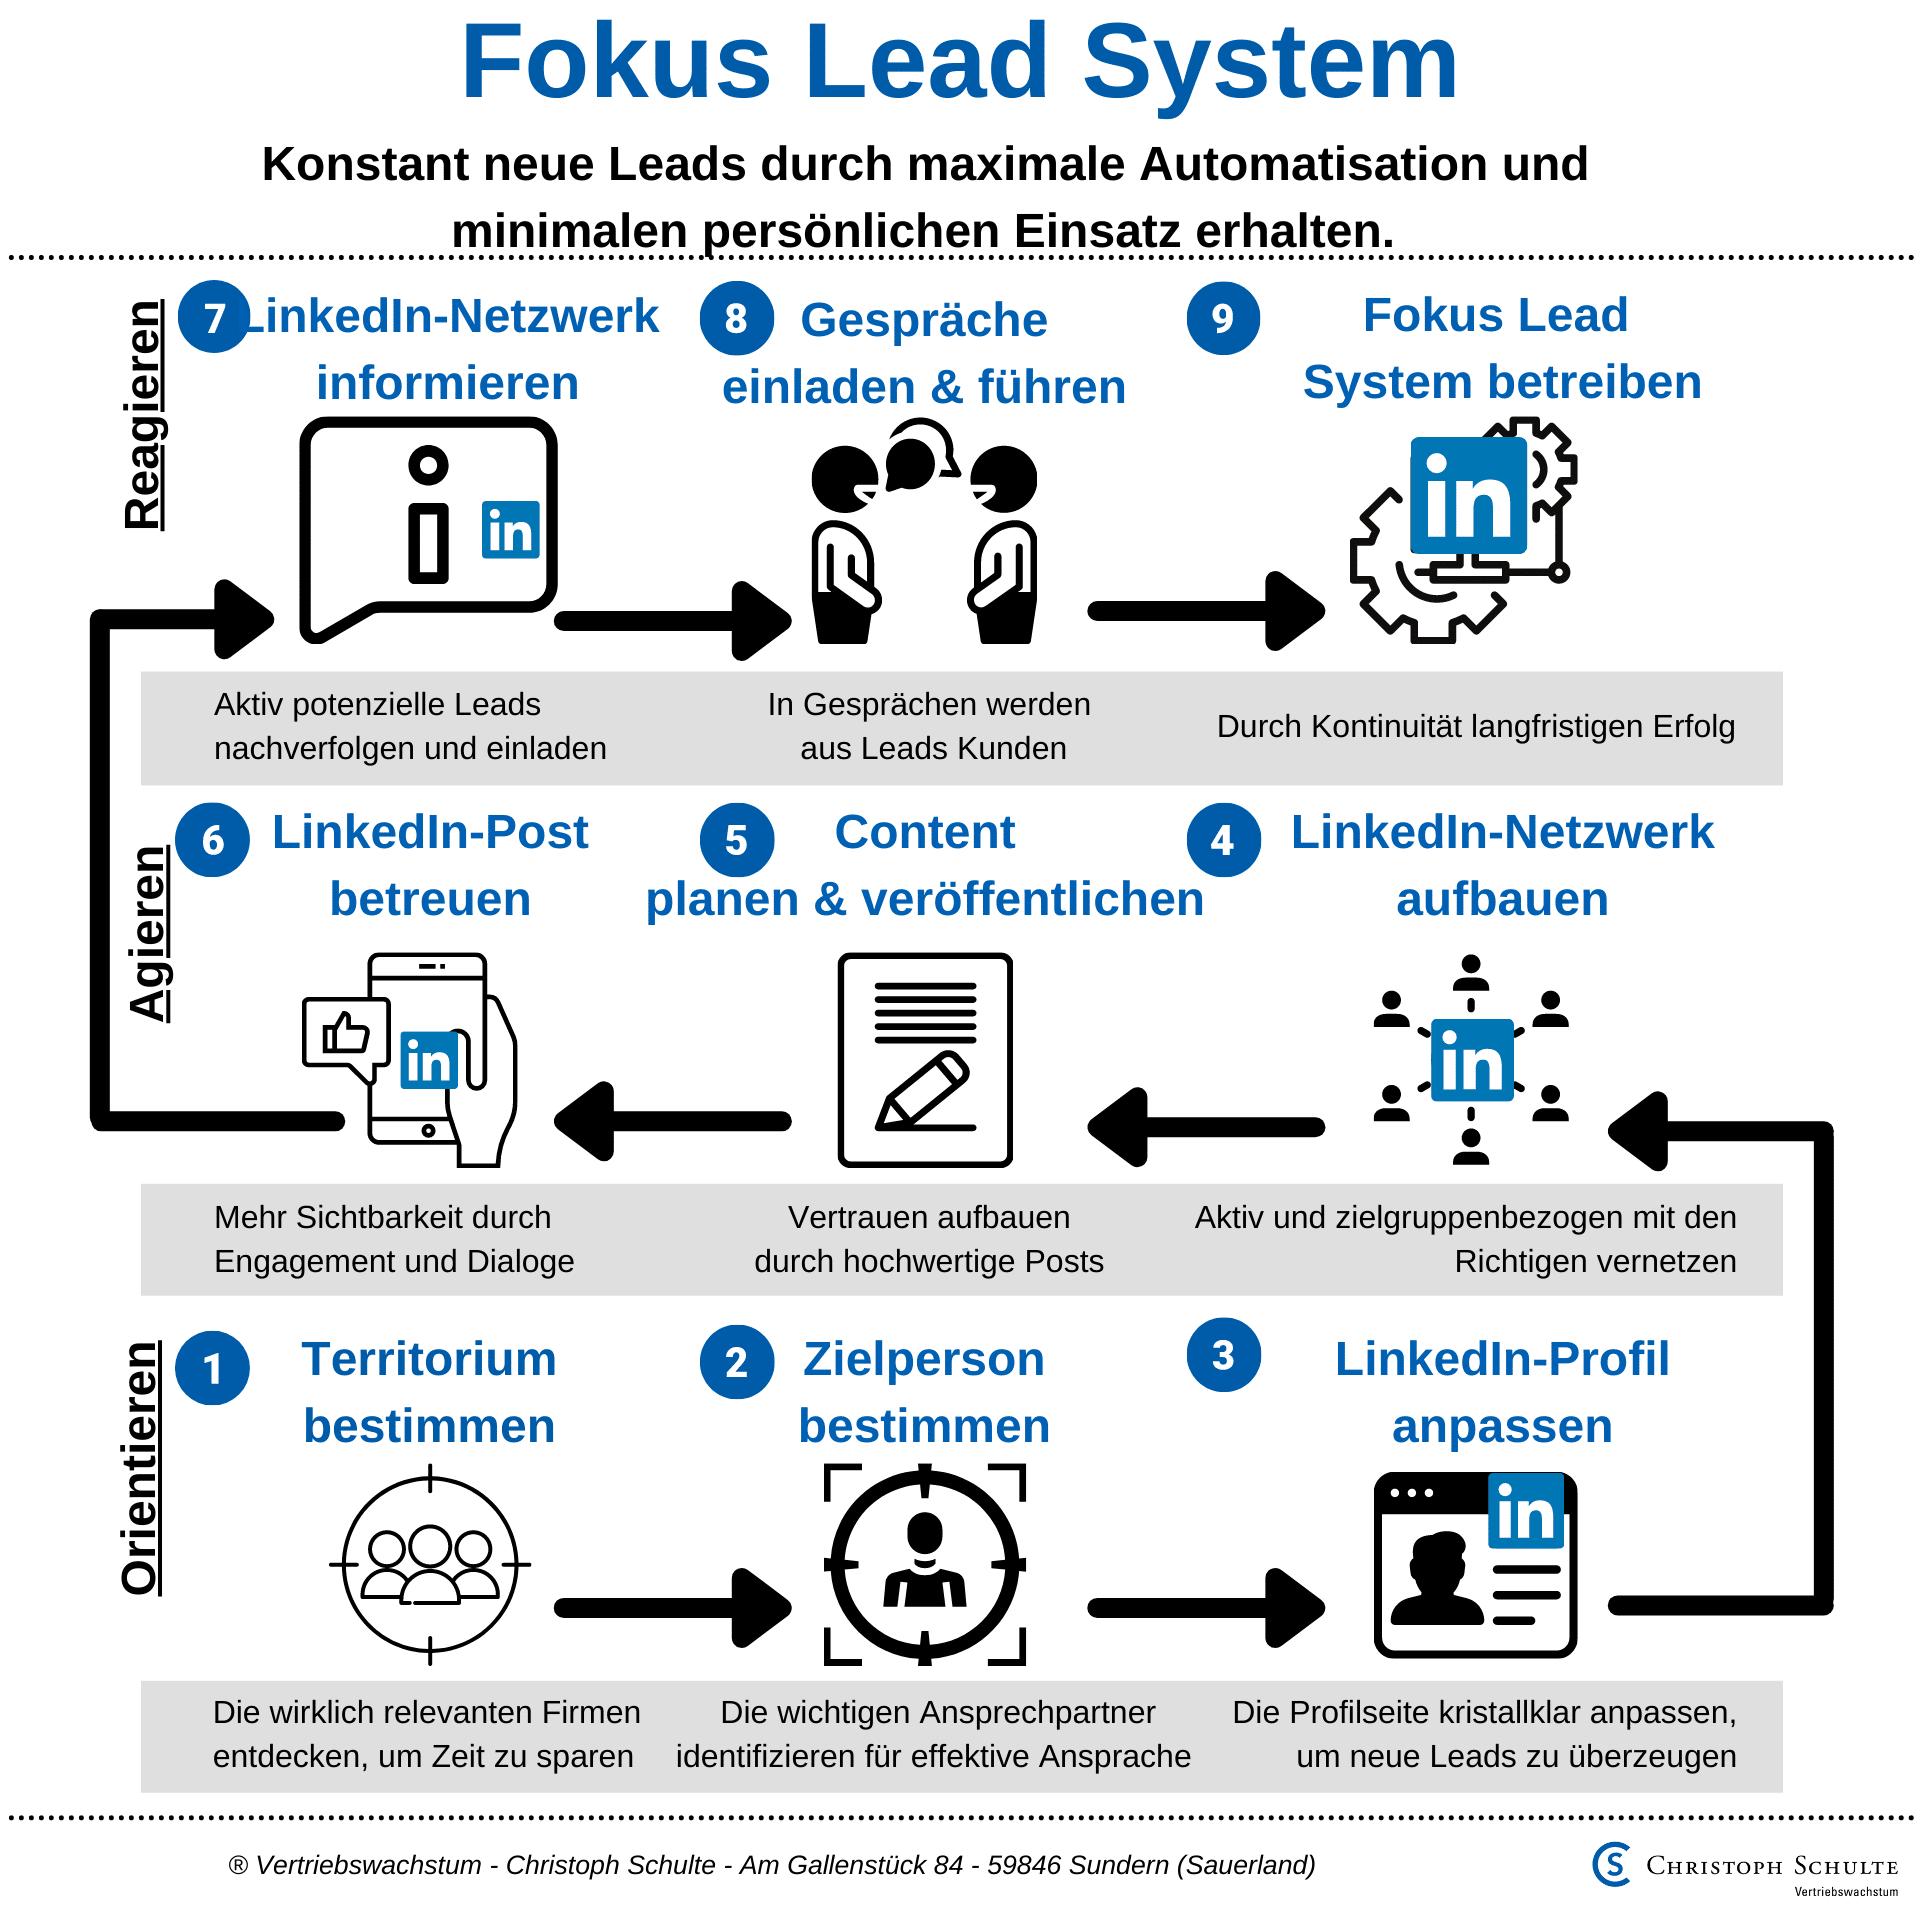 Das Fokus Lead System von Christoph Schulte